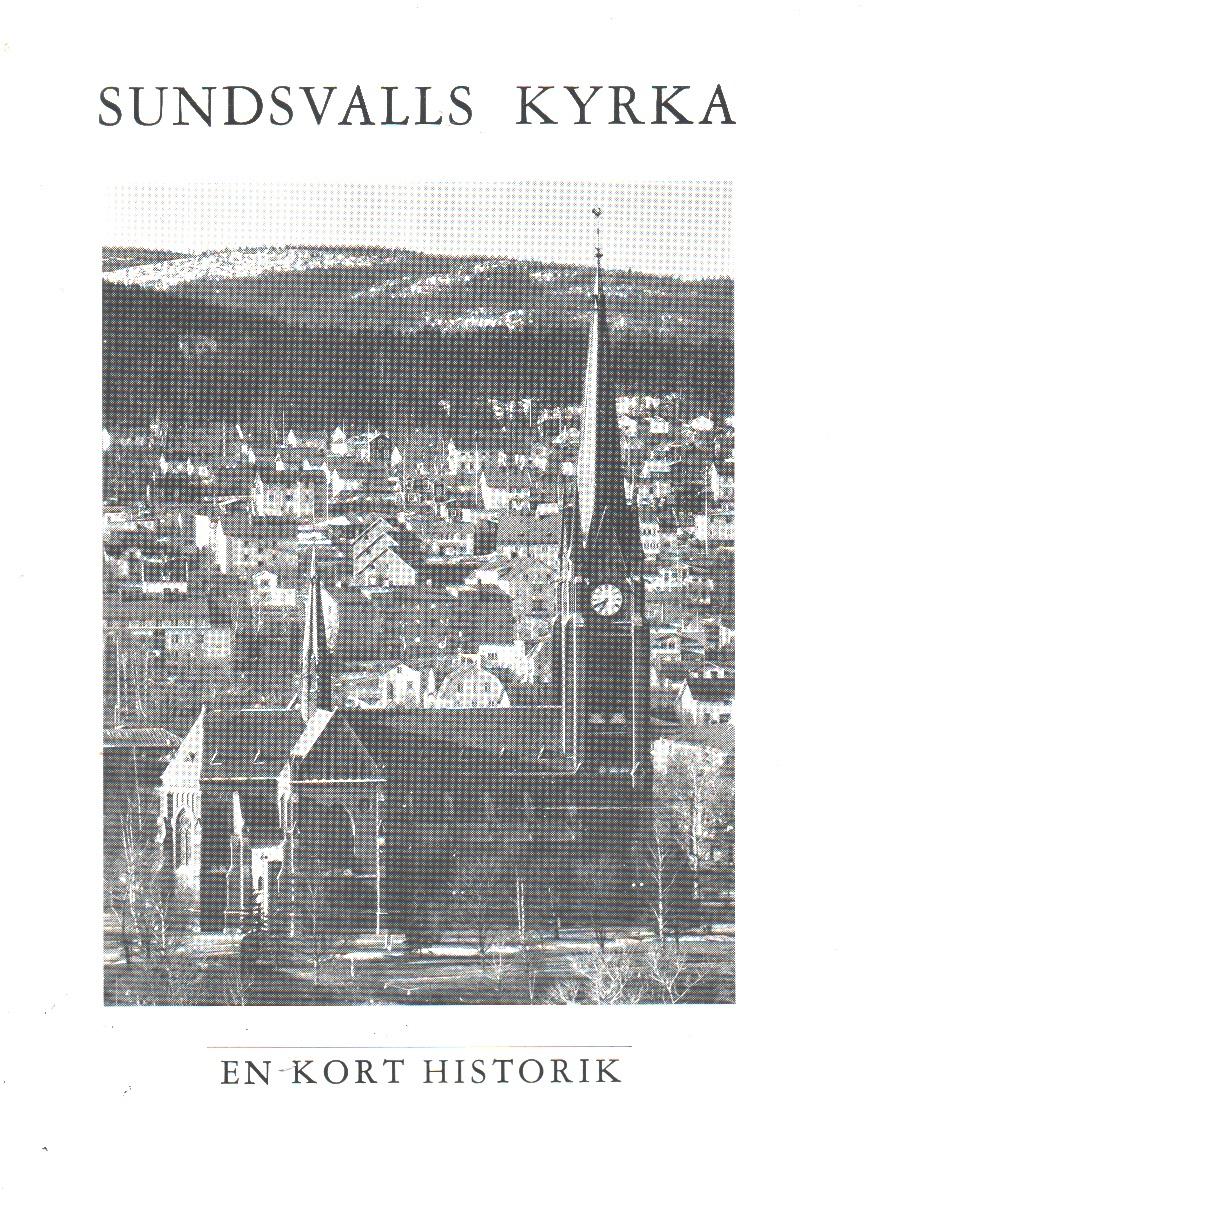 Sundsvalls kyrka : en kort historik - Fornander, Martin